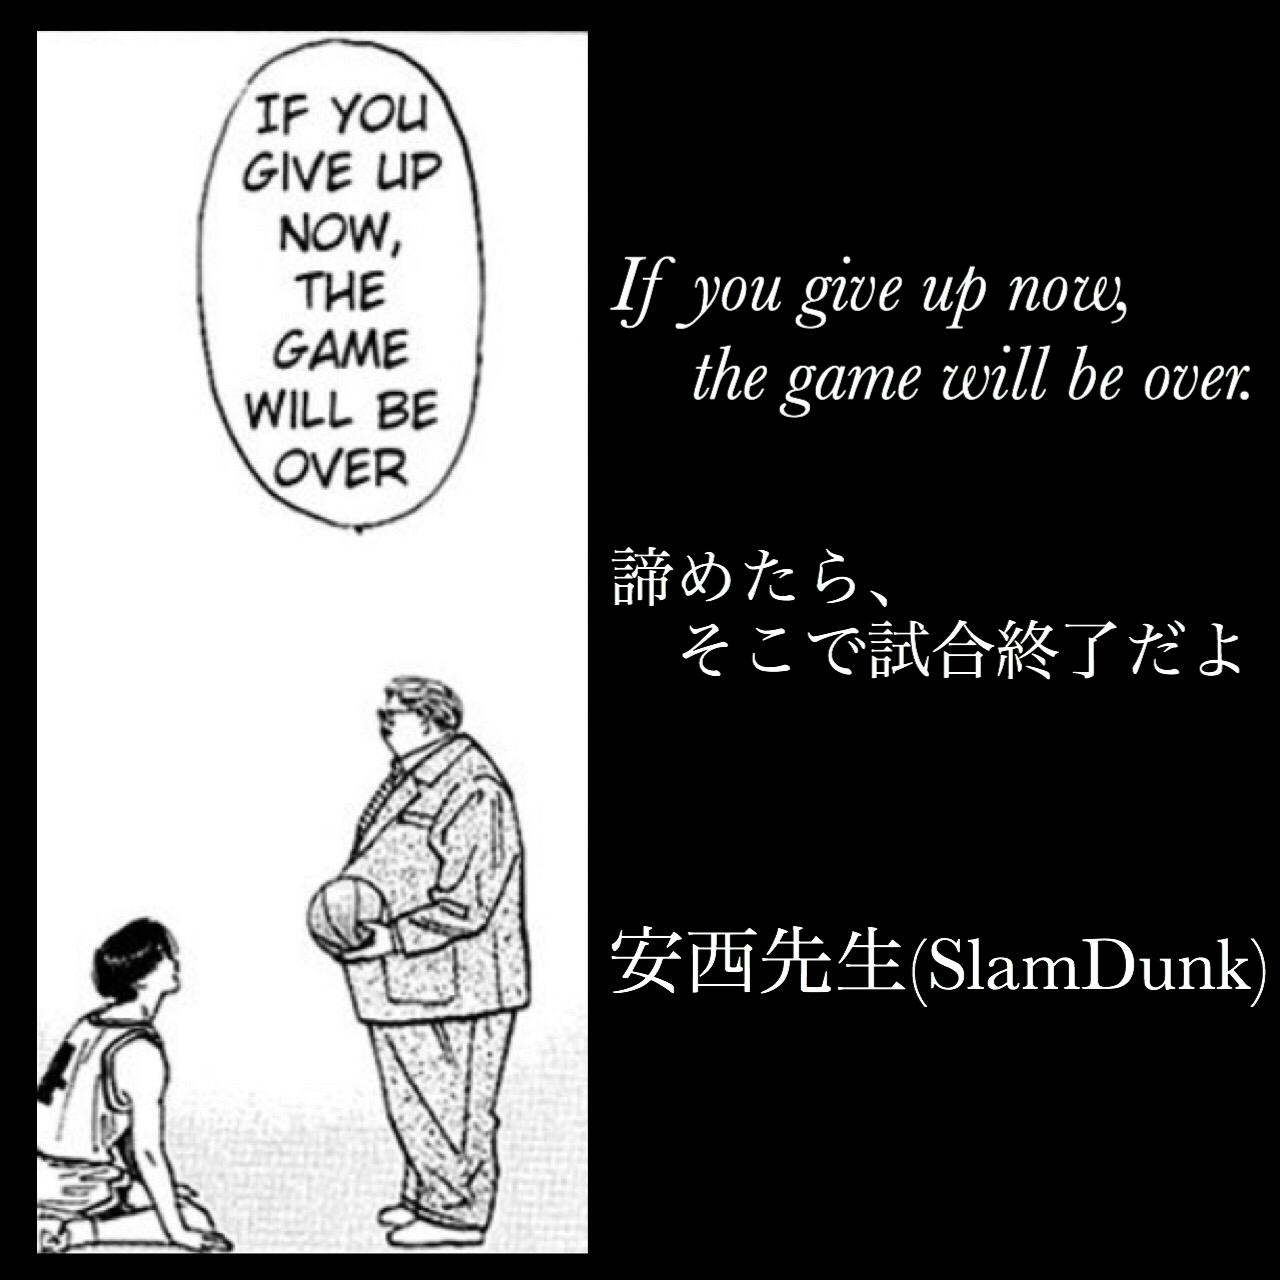 だ そこで 試合 諦め よ 終了 たら #2 「諦めたら試合終了ですよ」が人の心に刺さり続けるのはなぜか?